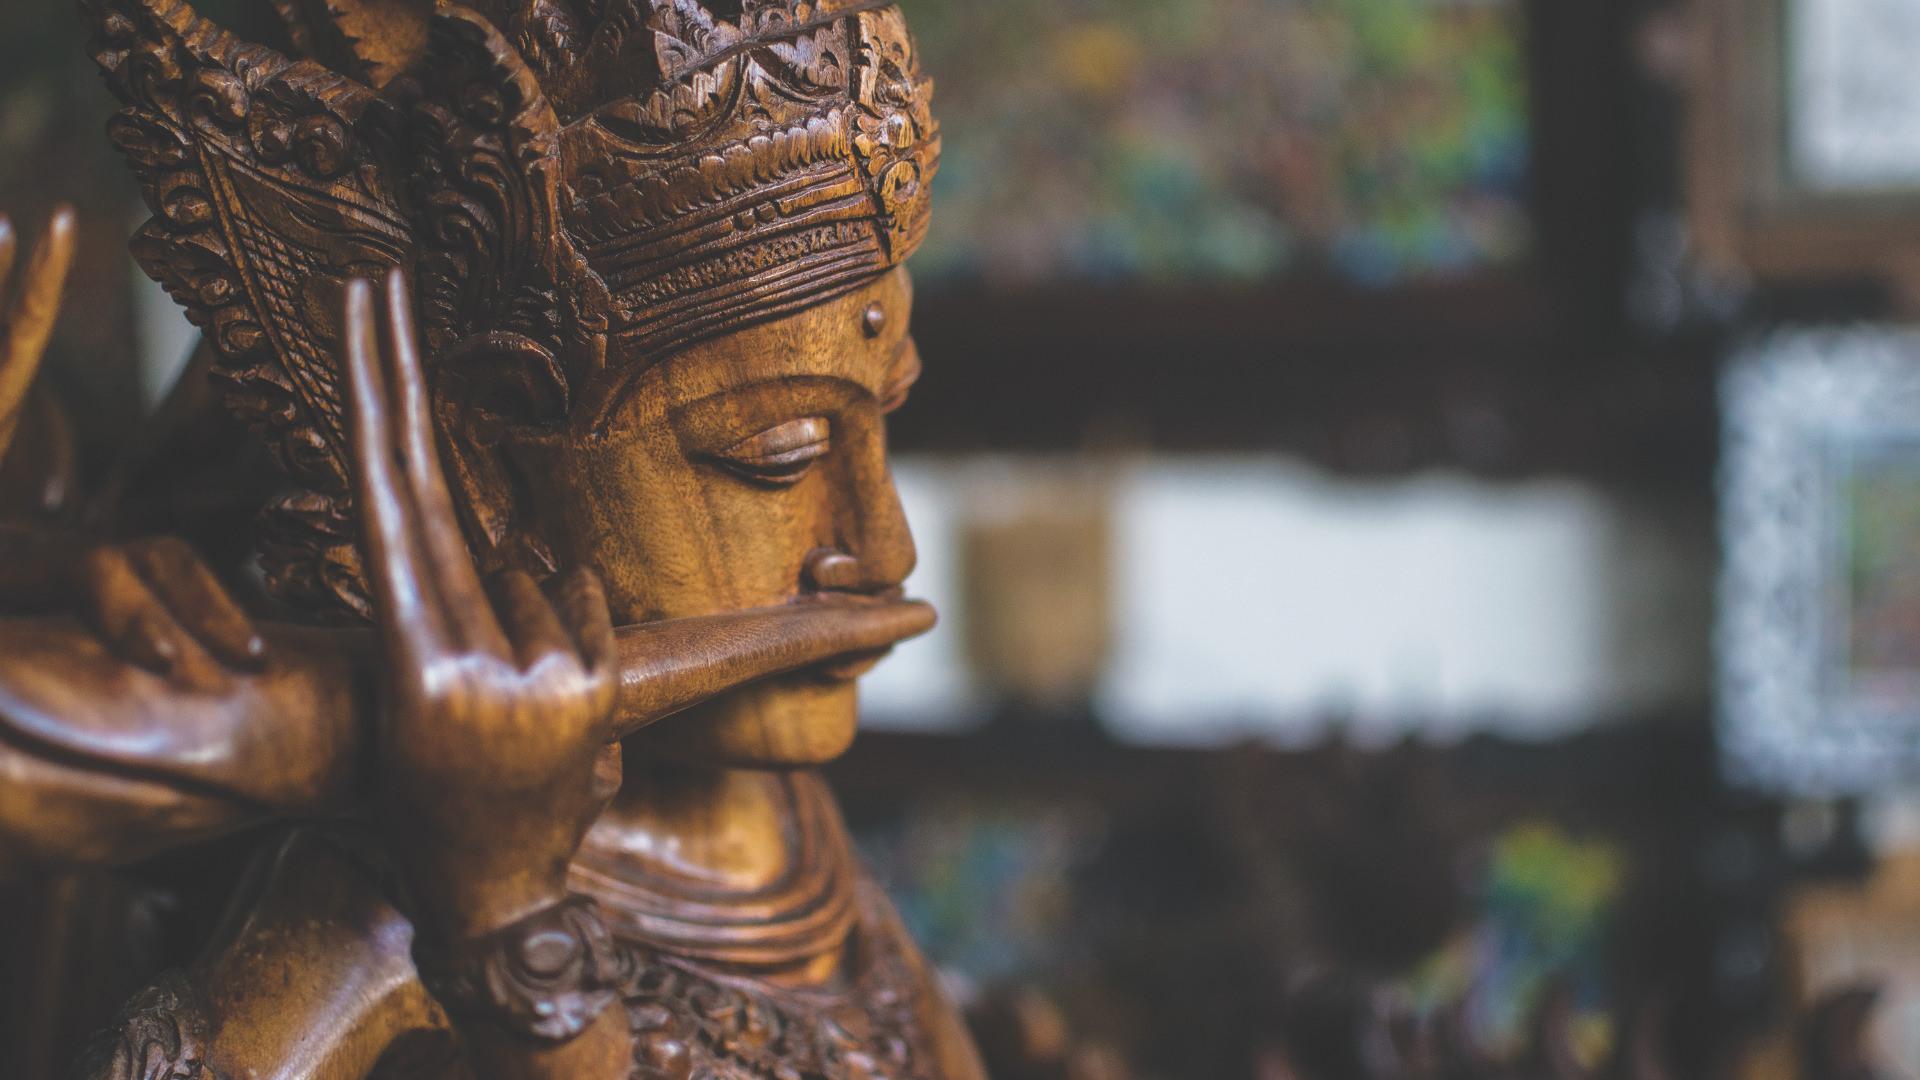 Ahşap ve Mücevher İşleme Sanatının Merkezi, Bali-Ubud Bölgesi